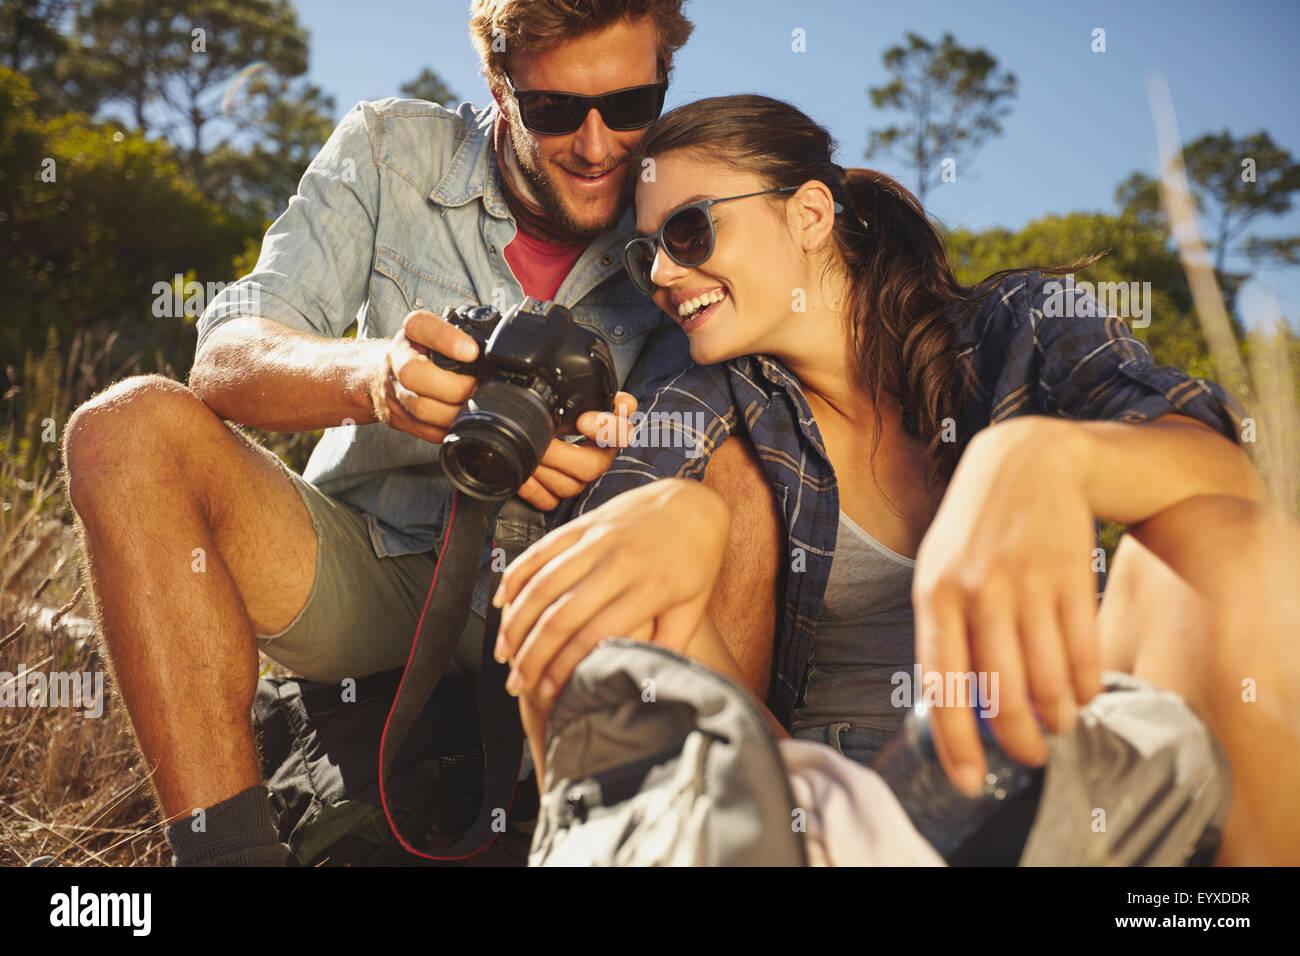 Escursionista giovane cercando foto scattata sulla fotocamera digitale durante il viaggio per esterno in vacanza. Immagini Stock